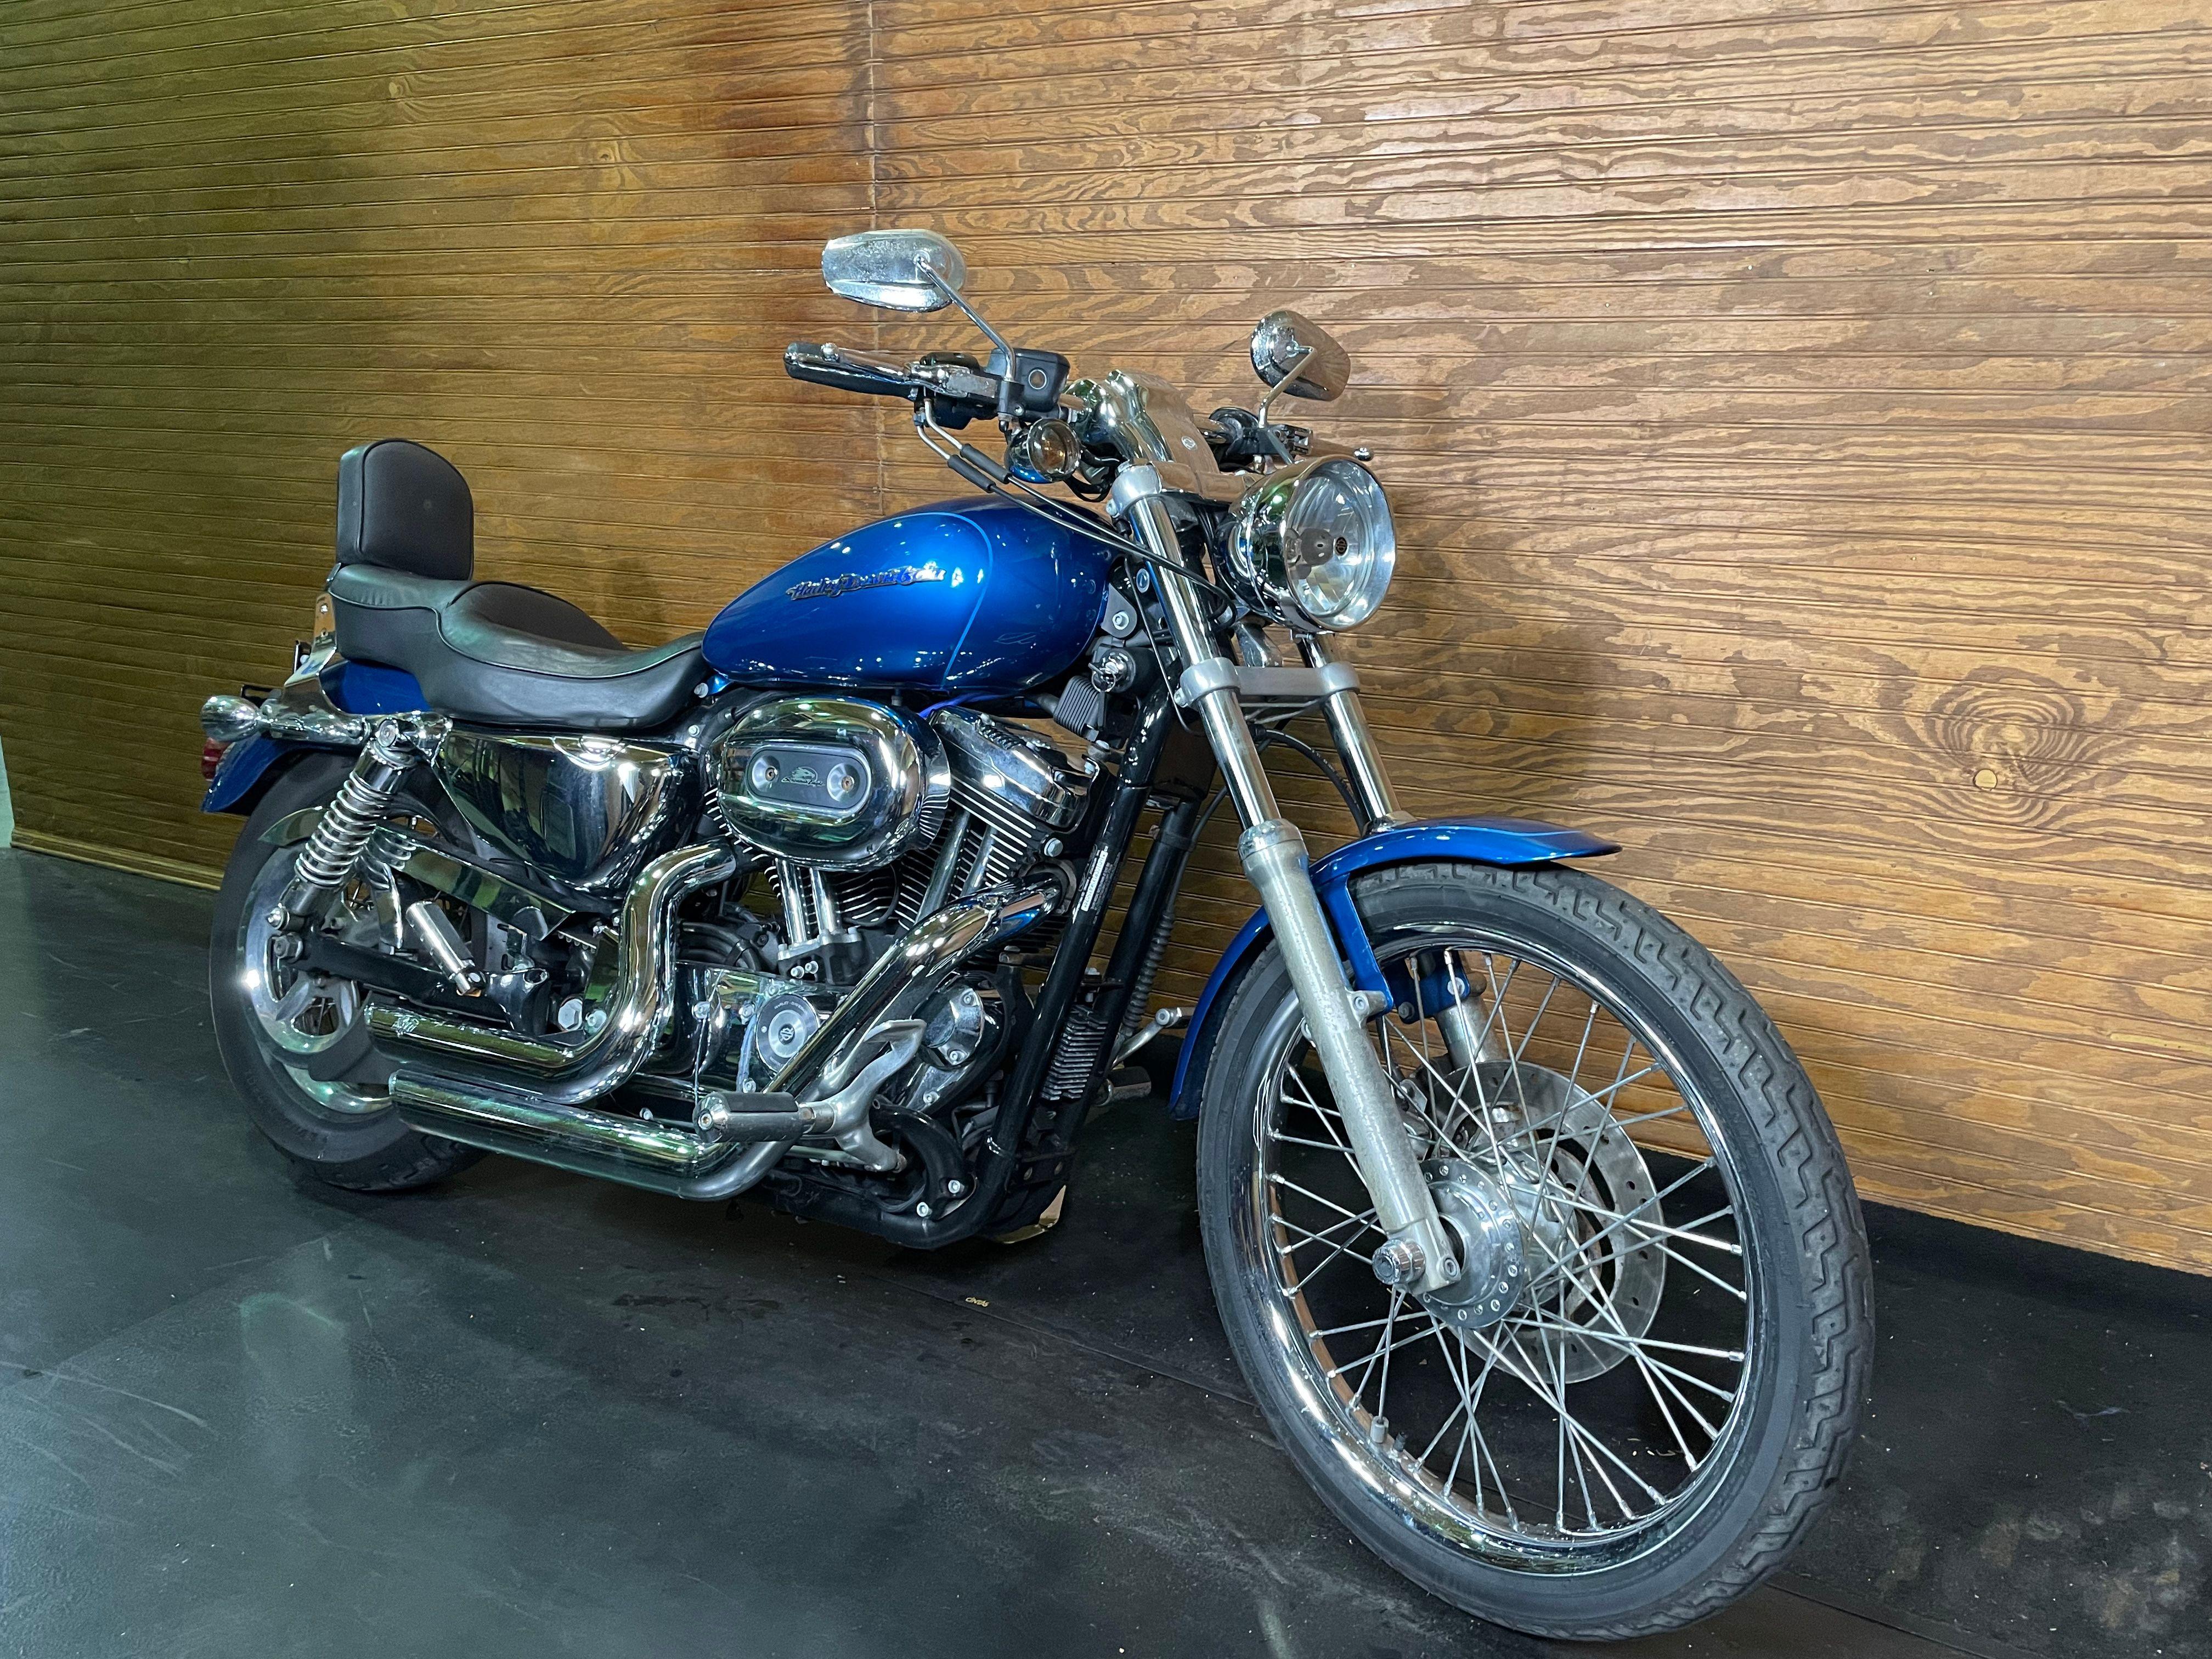 Pre-Owned 2005 Harley-Davidson 1200 Custom